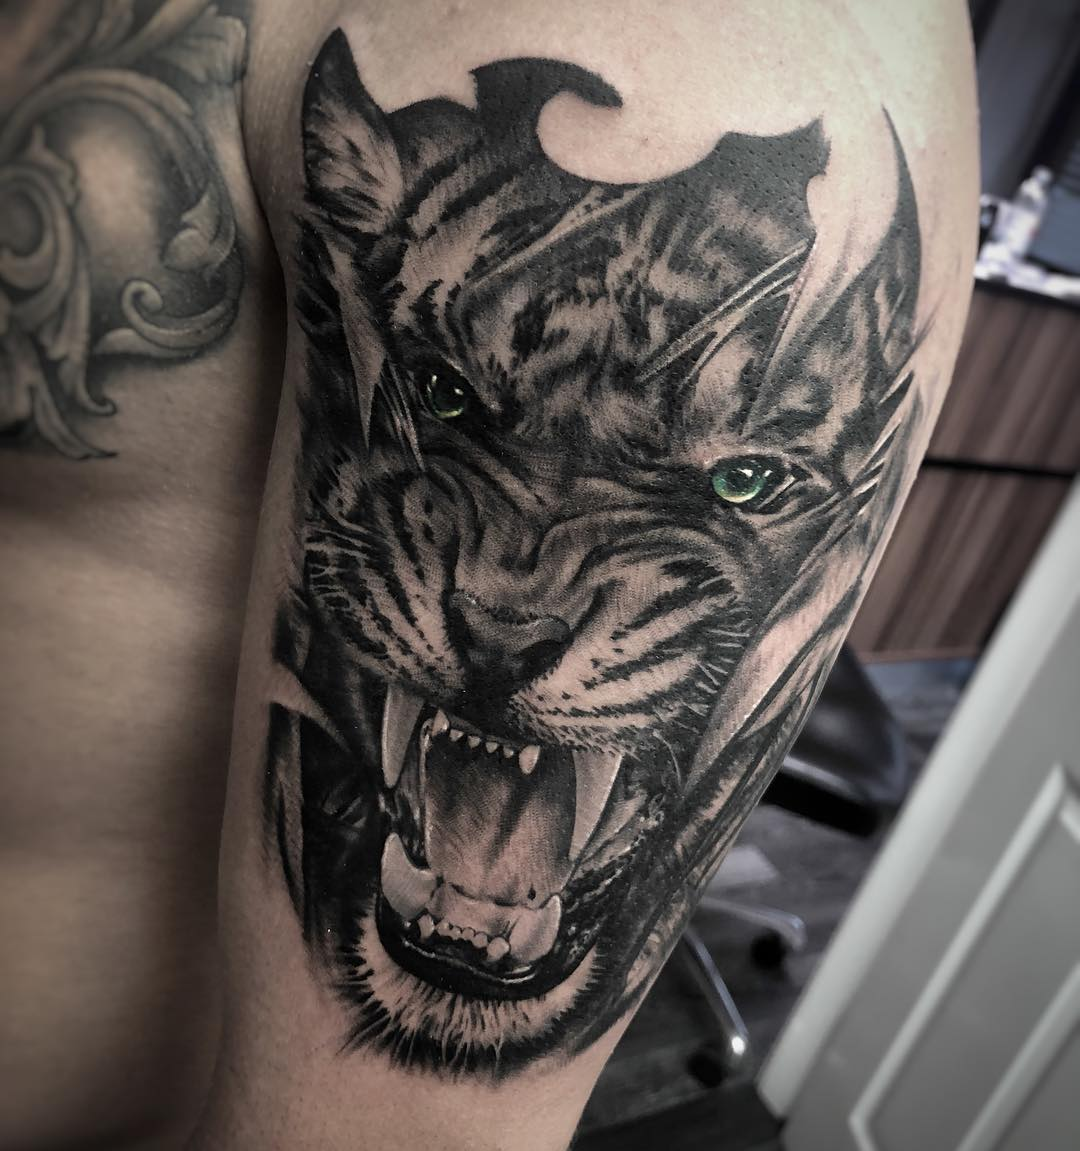 Realistic Tiger Tattoo Sheffield